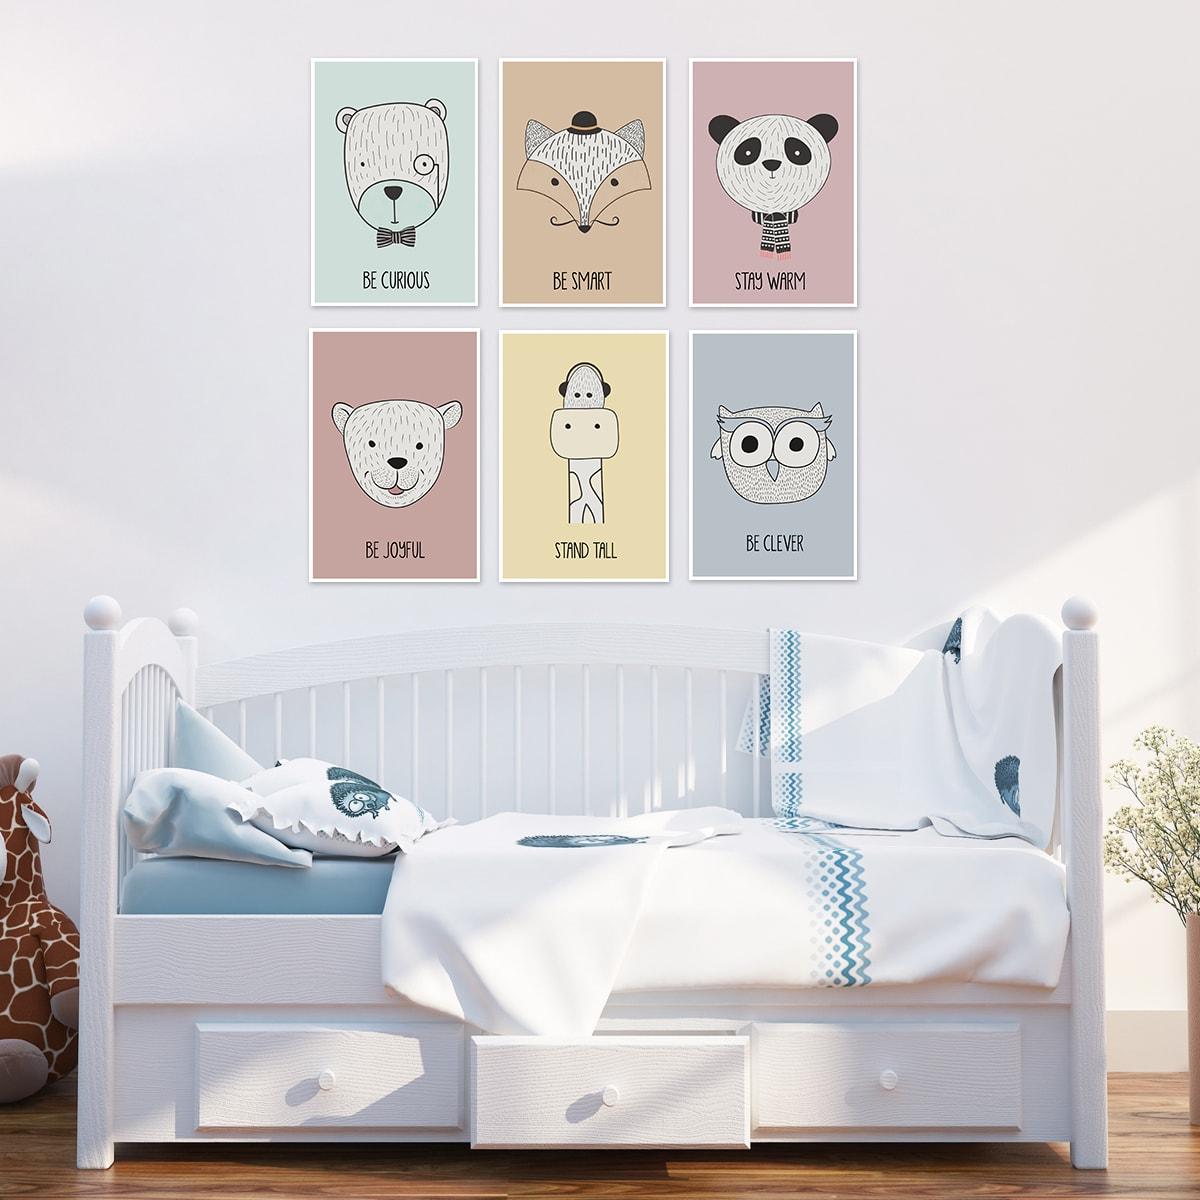 סט תמונות לחדר ילדים חיות רקע ציבעוני